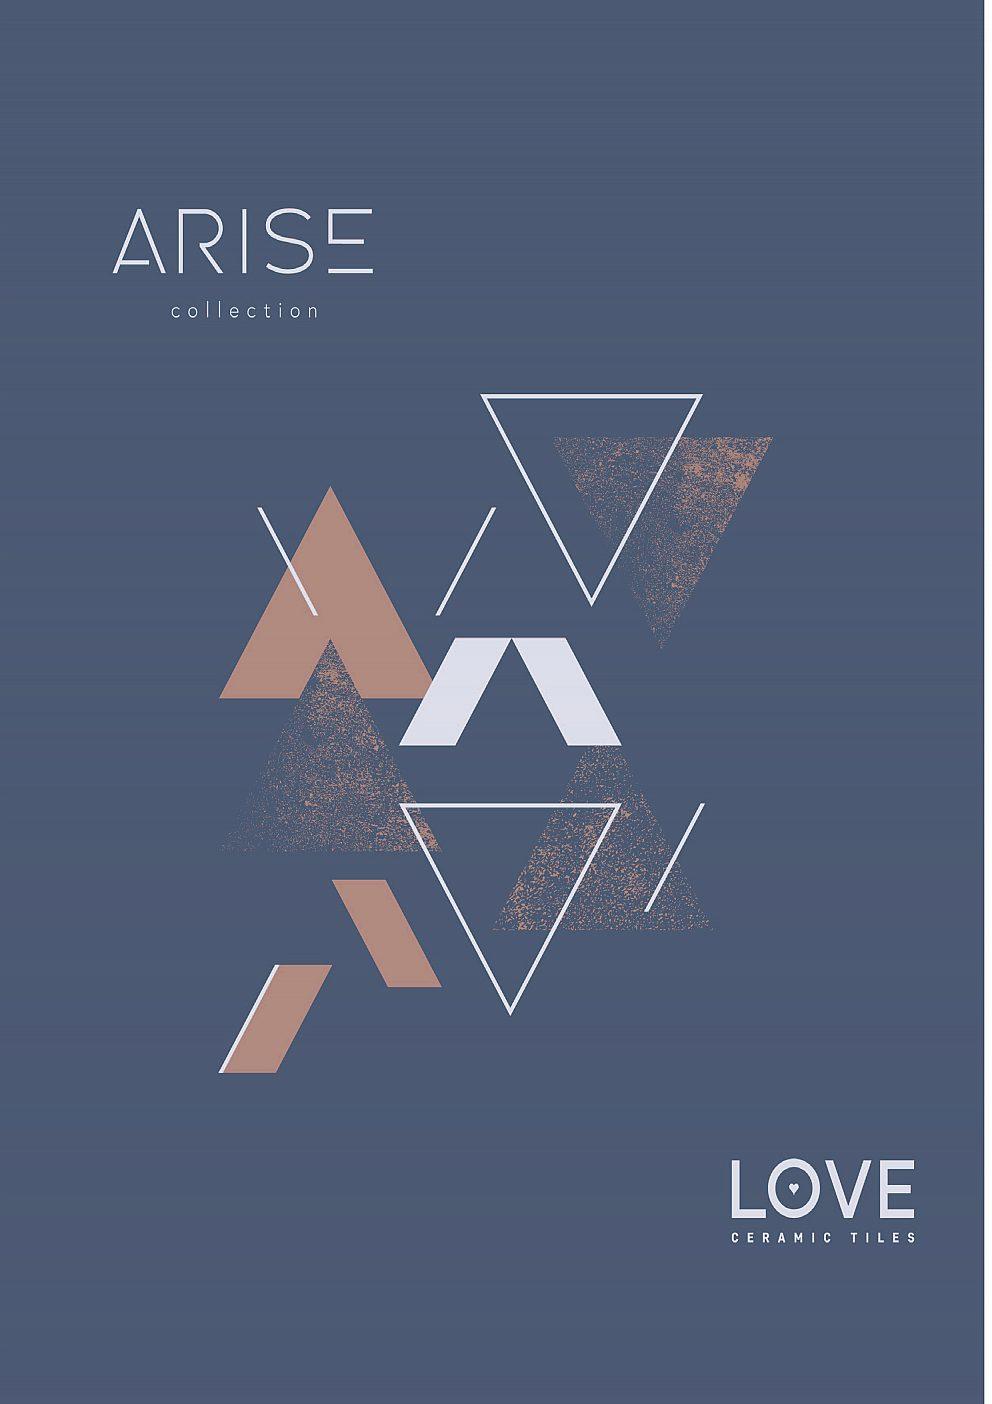 Love Arise